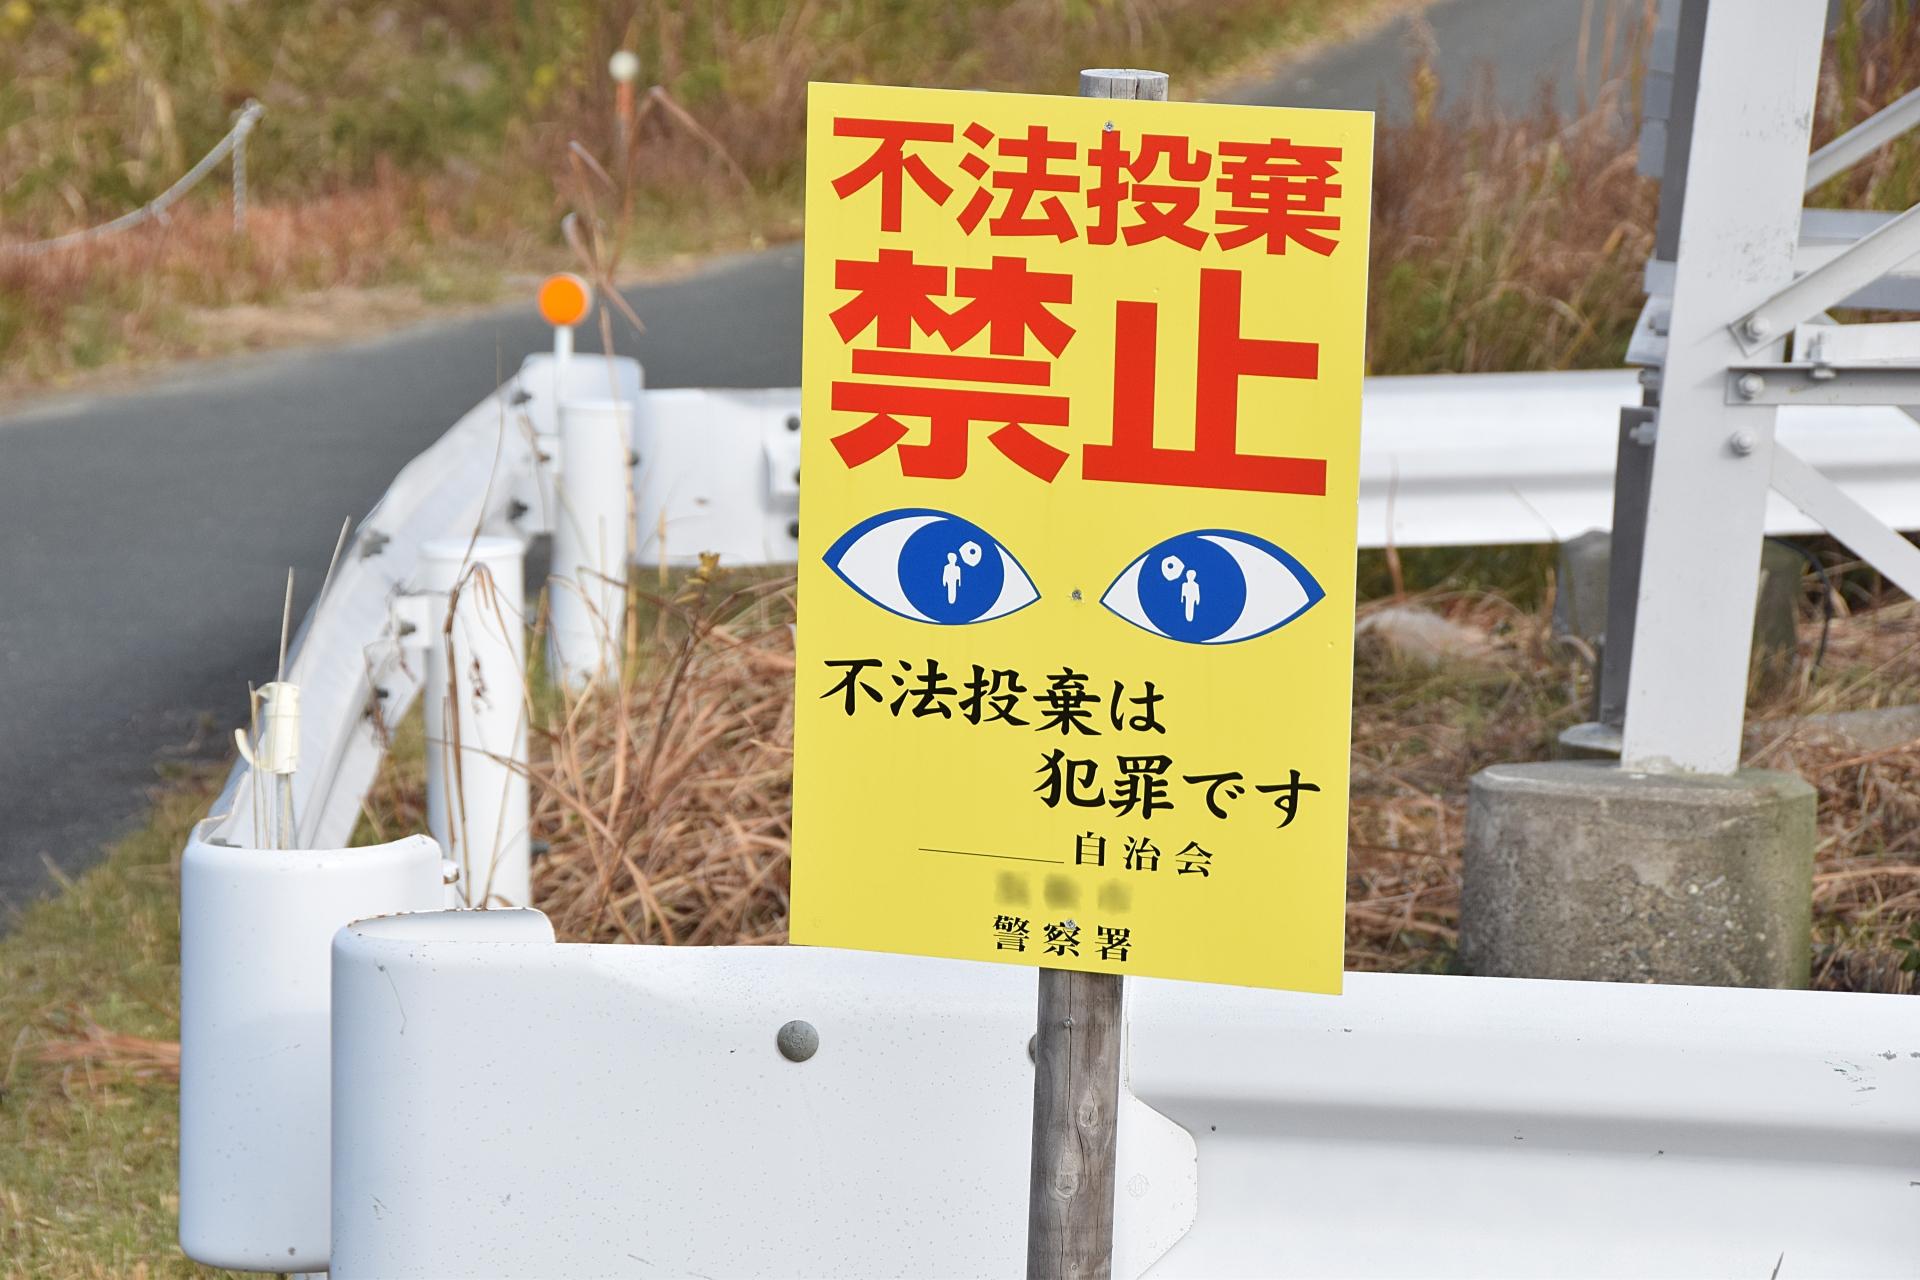 違法な不用品回収業者に注意!